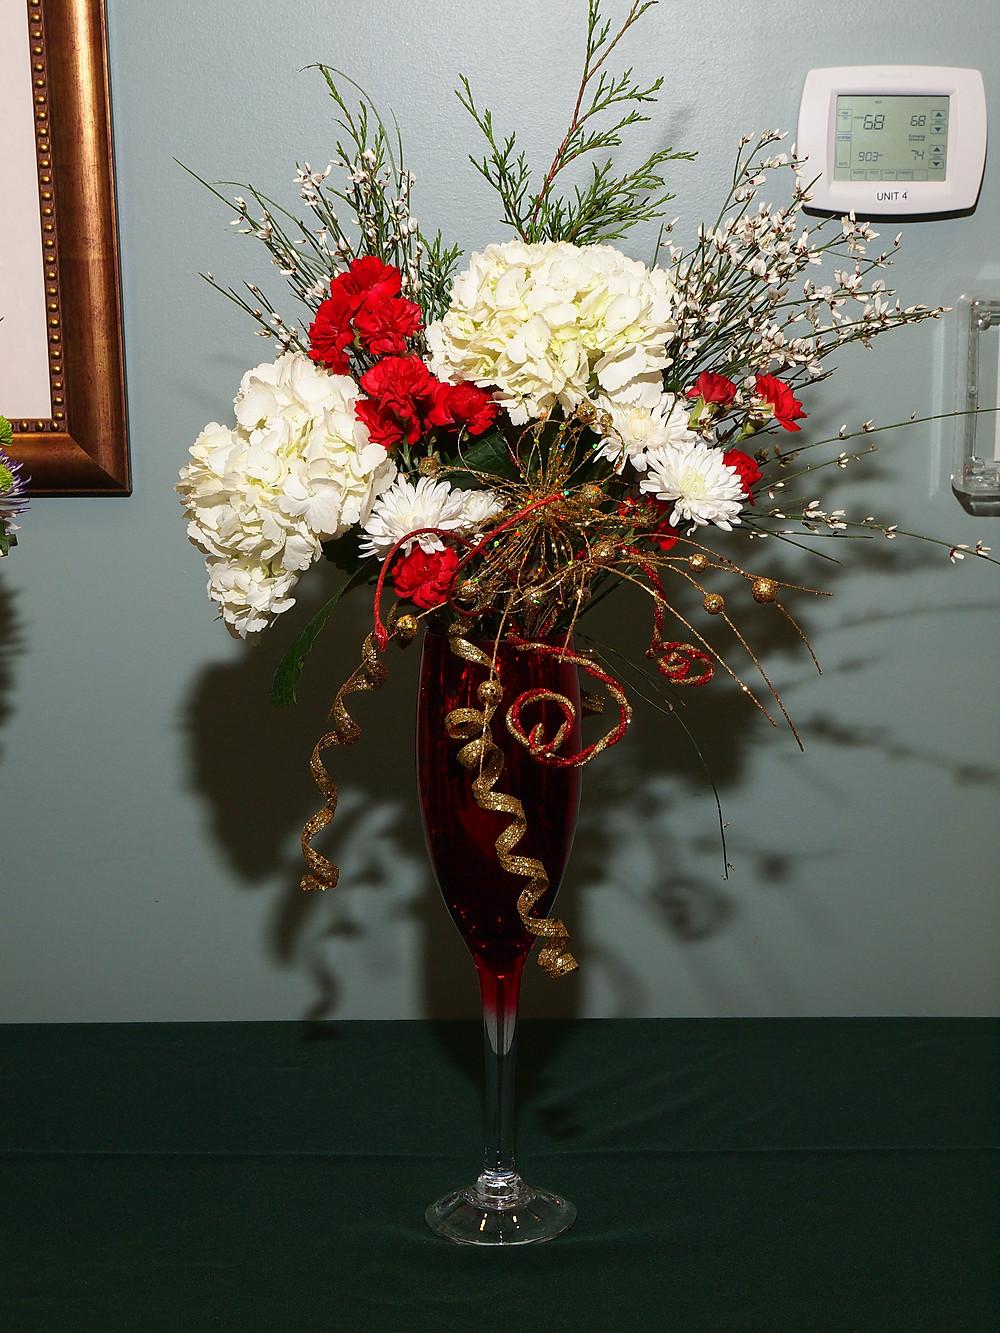 Sylvia Heidbreder's Floral Design Exhibit